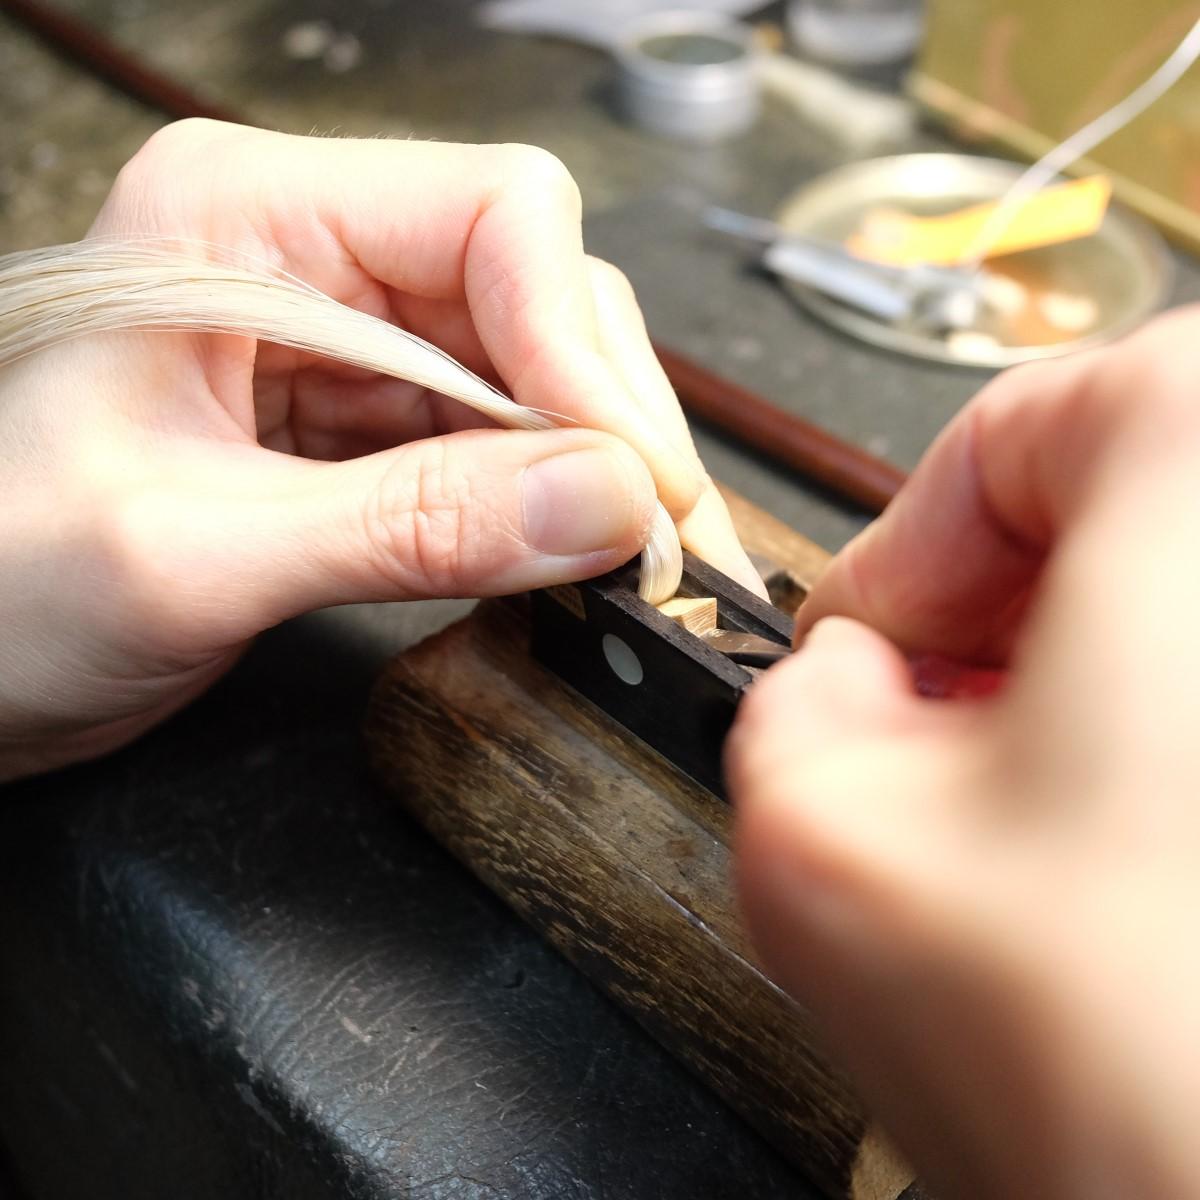 職人が弓の毛替えをしている手元